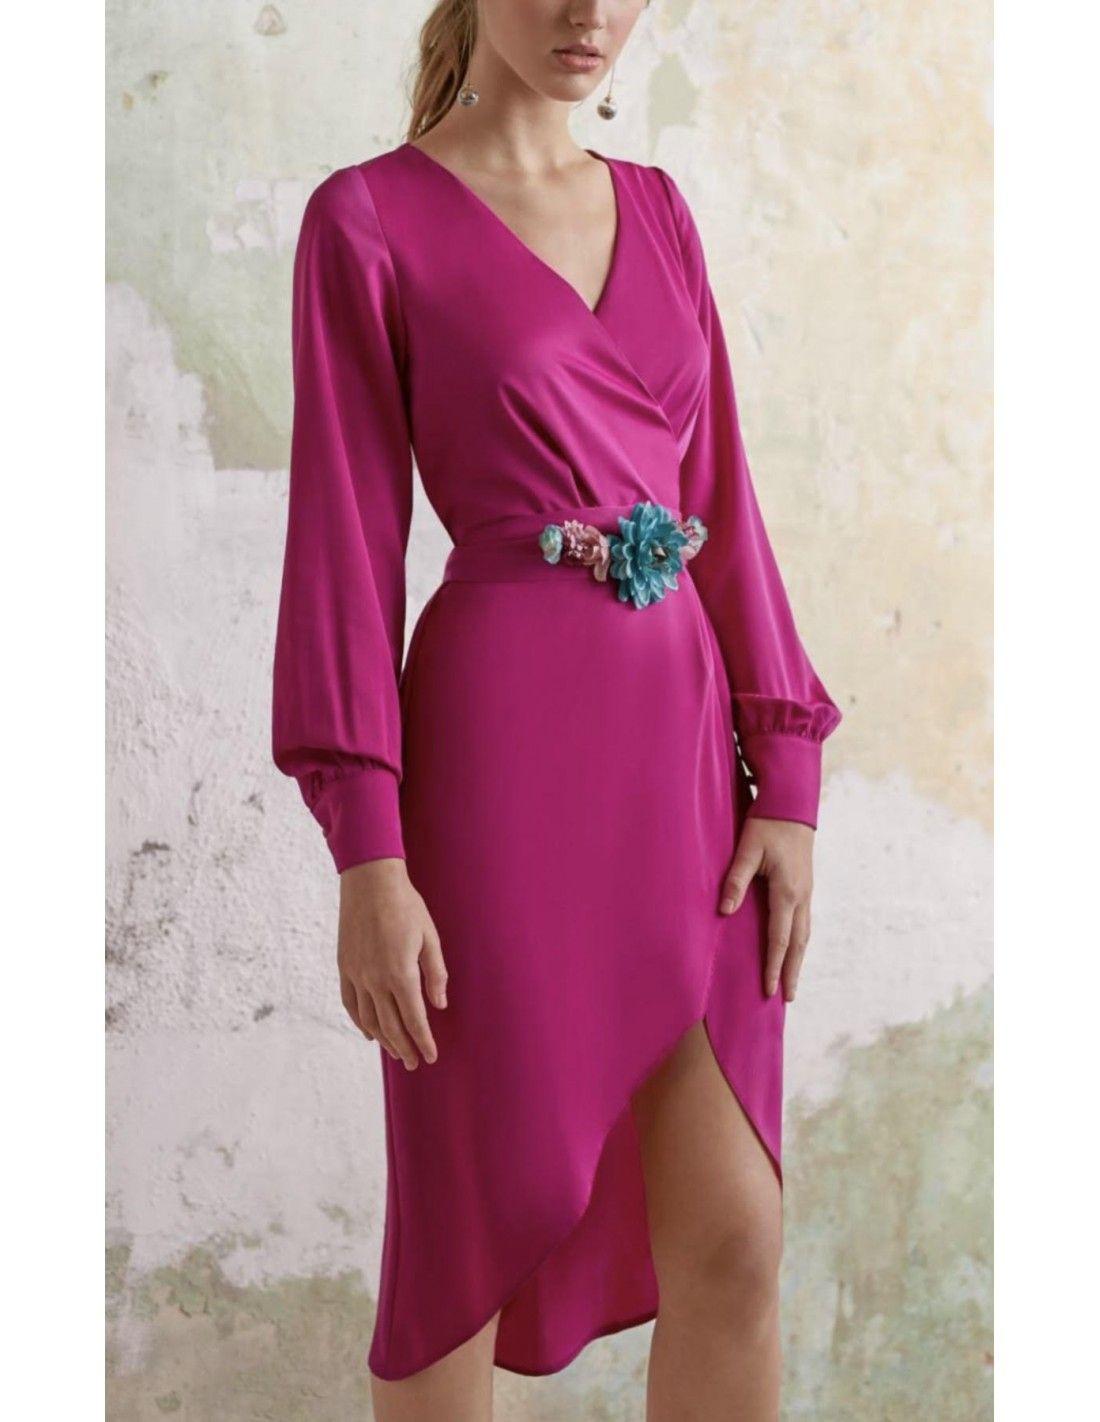 02b430011 Vestido Desa - Vestido en color buganvilla. Escote cruzado. Manga larga con  terminación en